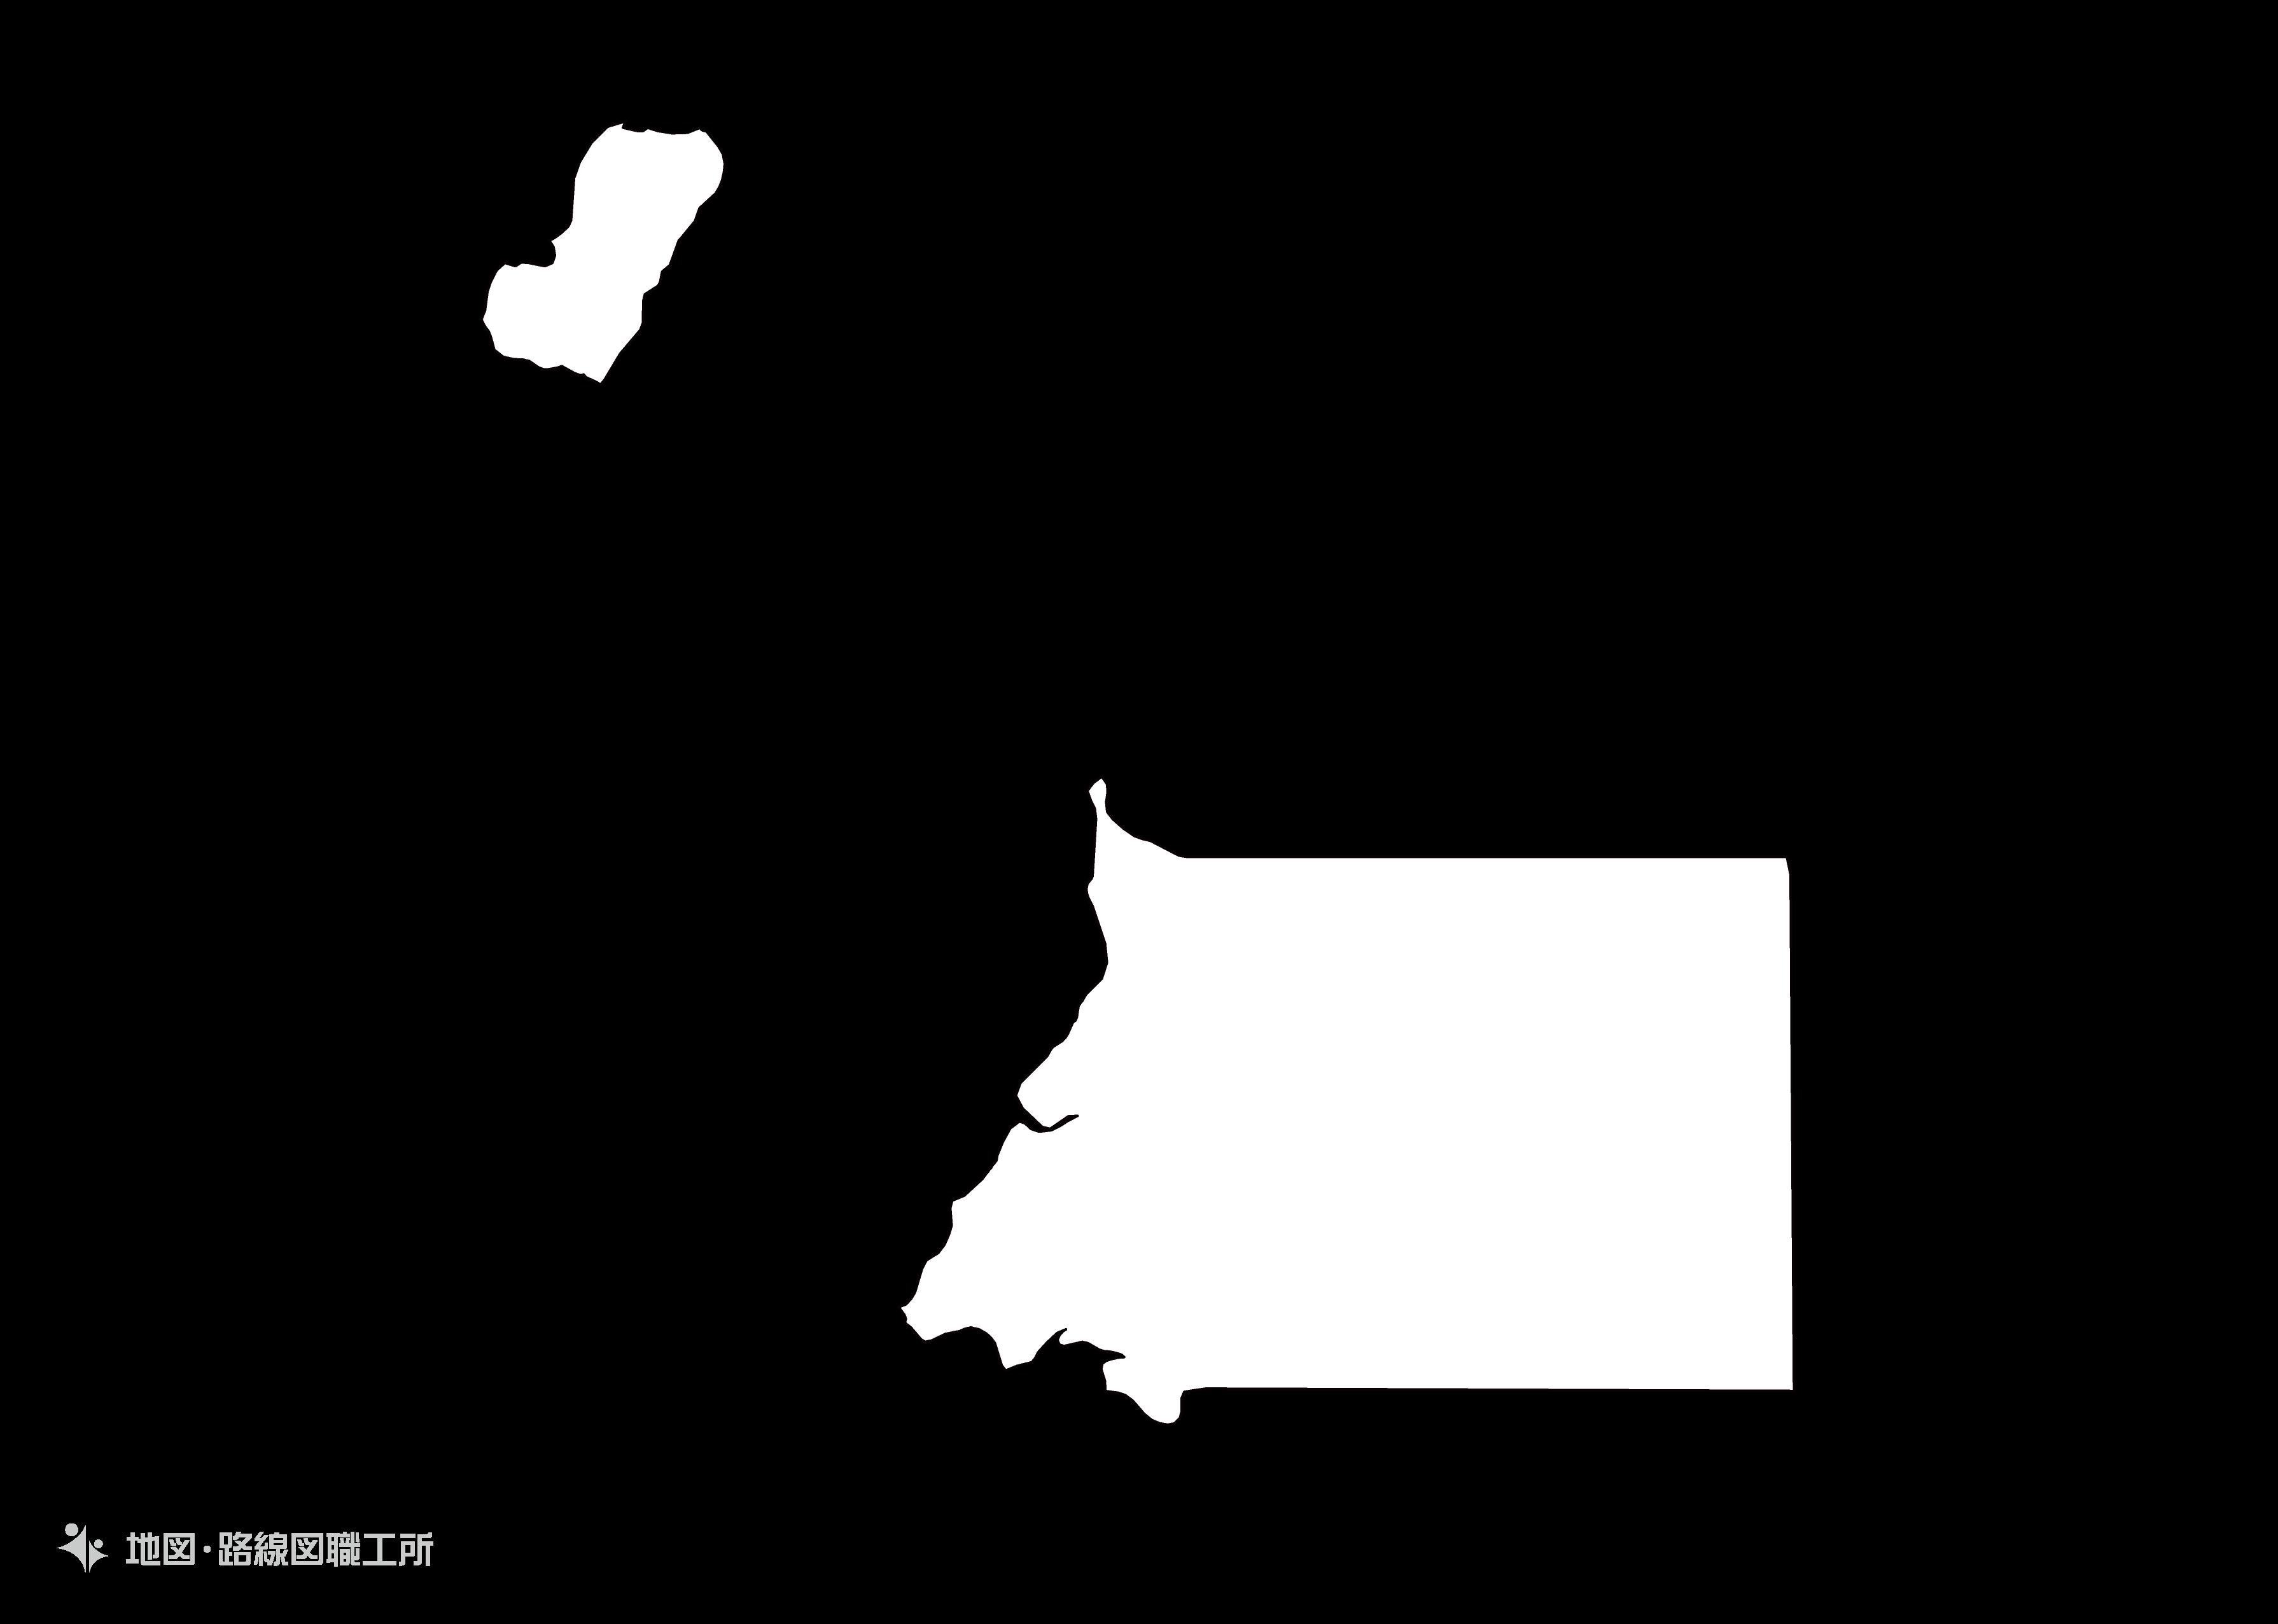 世界の白地図 赤道ギニア共和国 republic-of-equatorial-guinea map